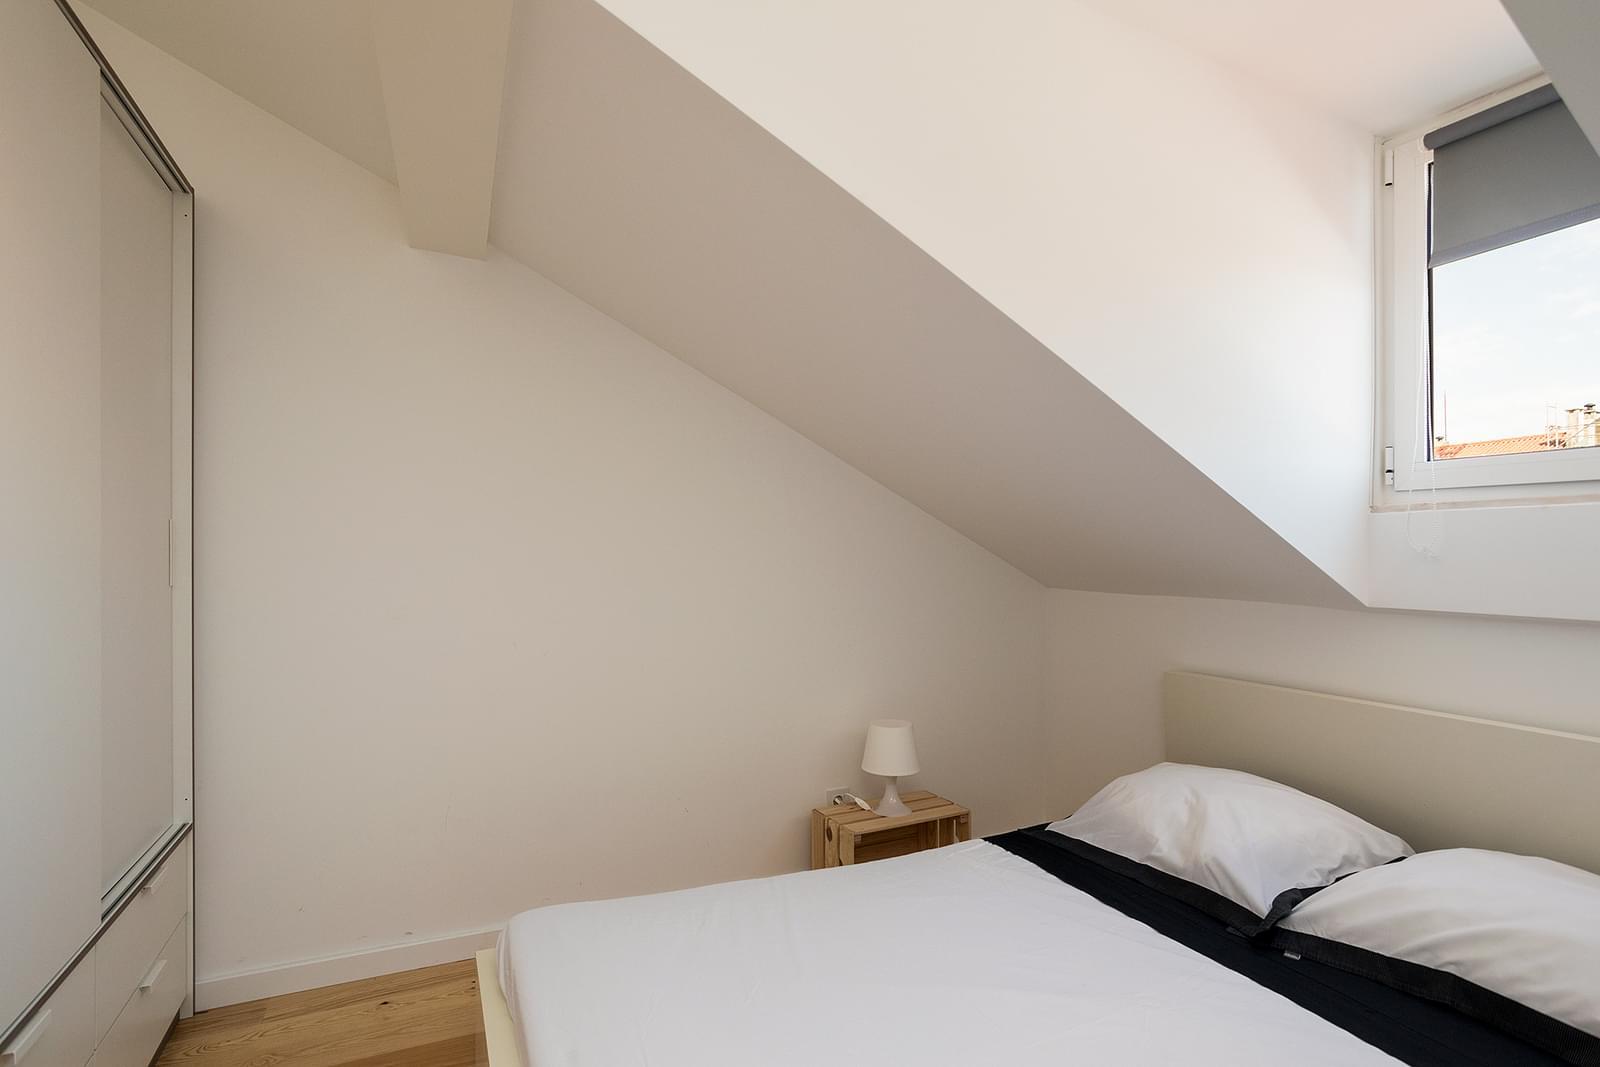 pf17273-apartamento-t2-lisboa-a7a03027-ab61-4290-8d88-1c48a73adfa7